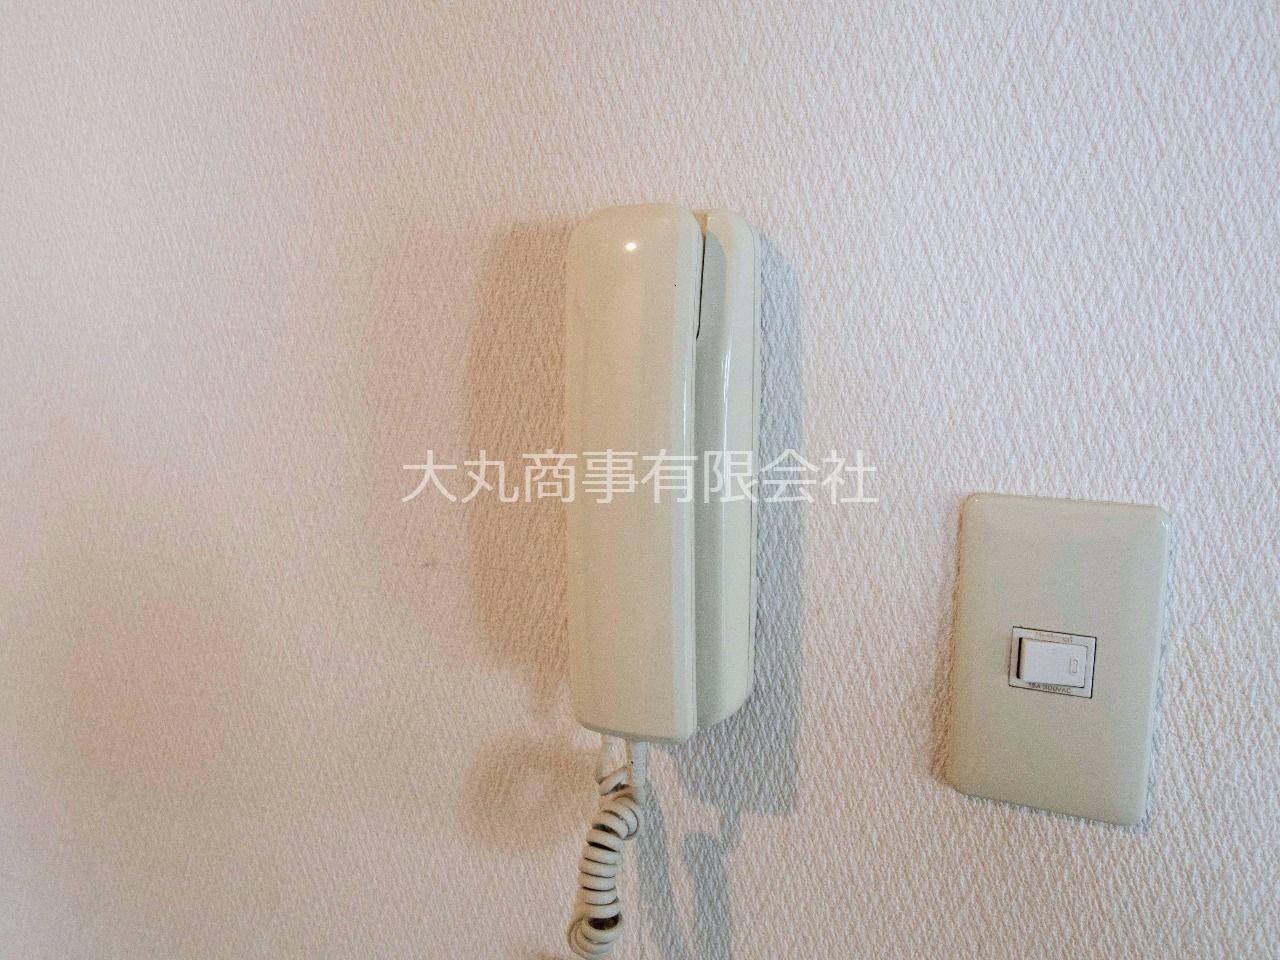 LDKの壁に設置された室内受話器